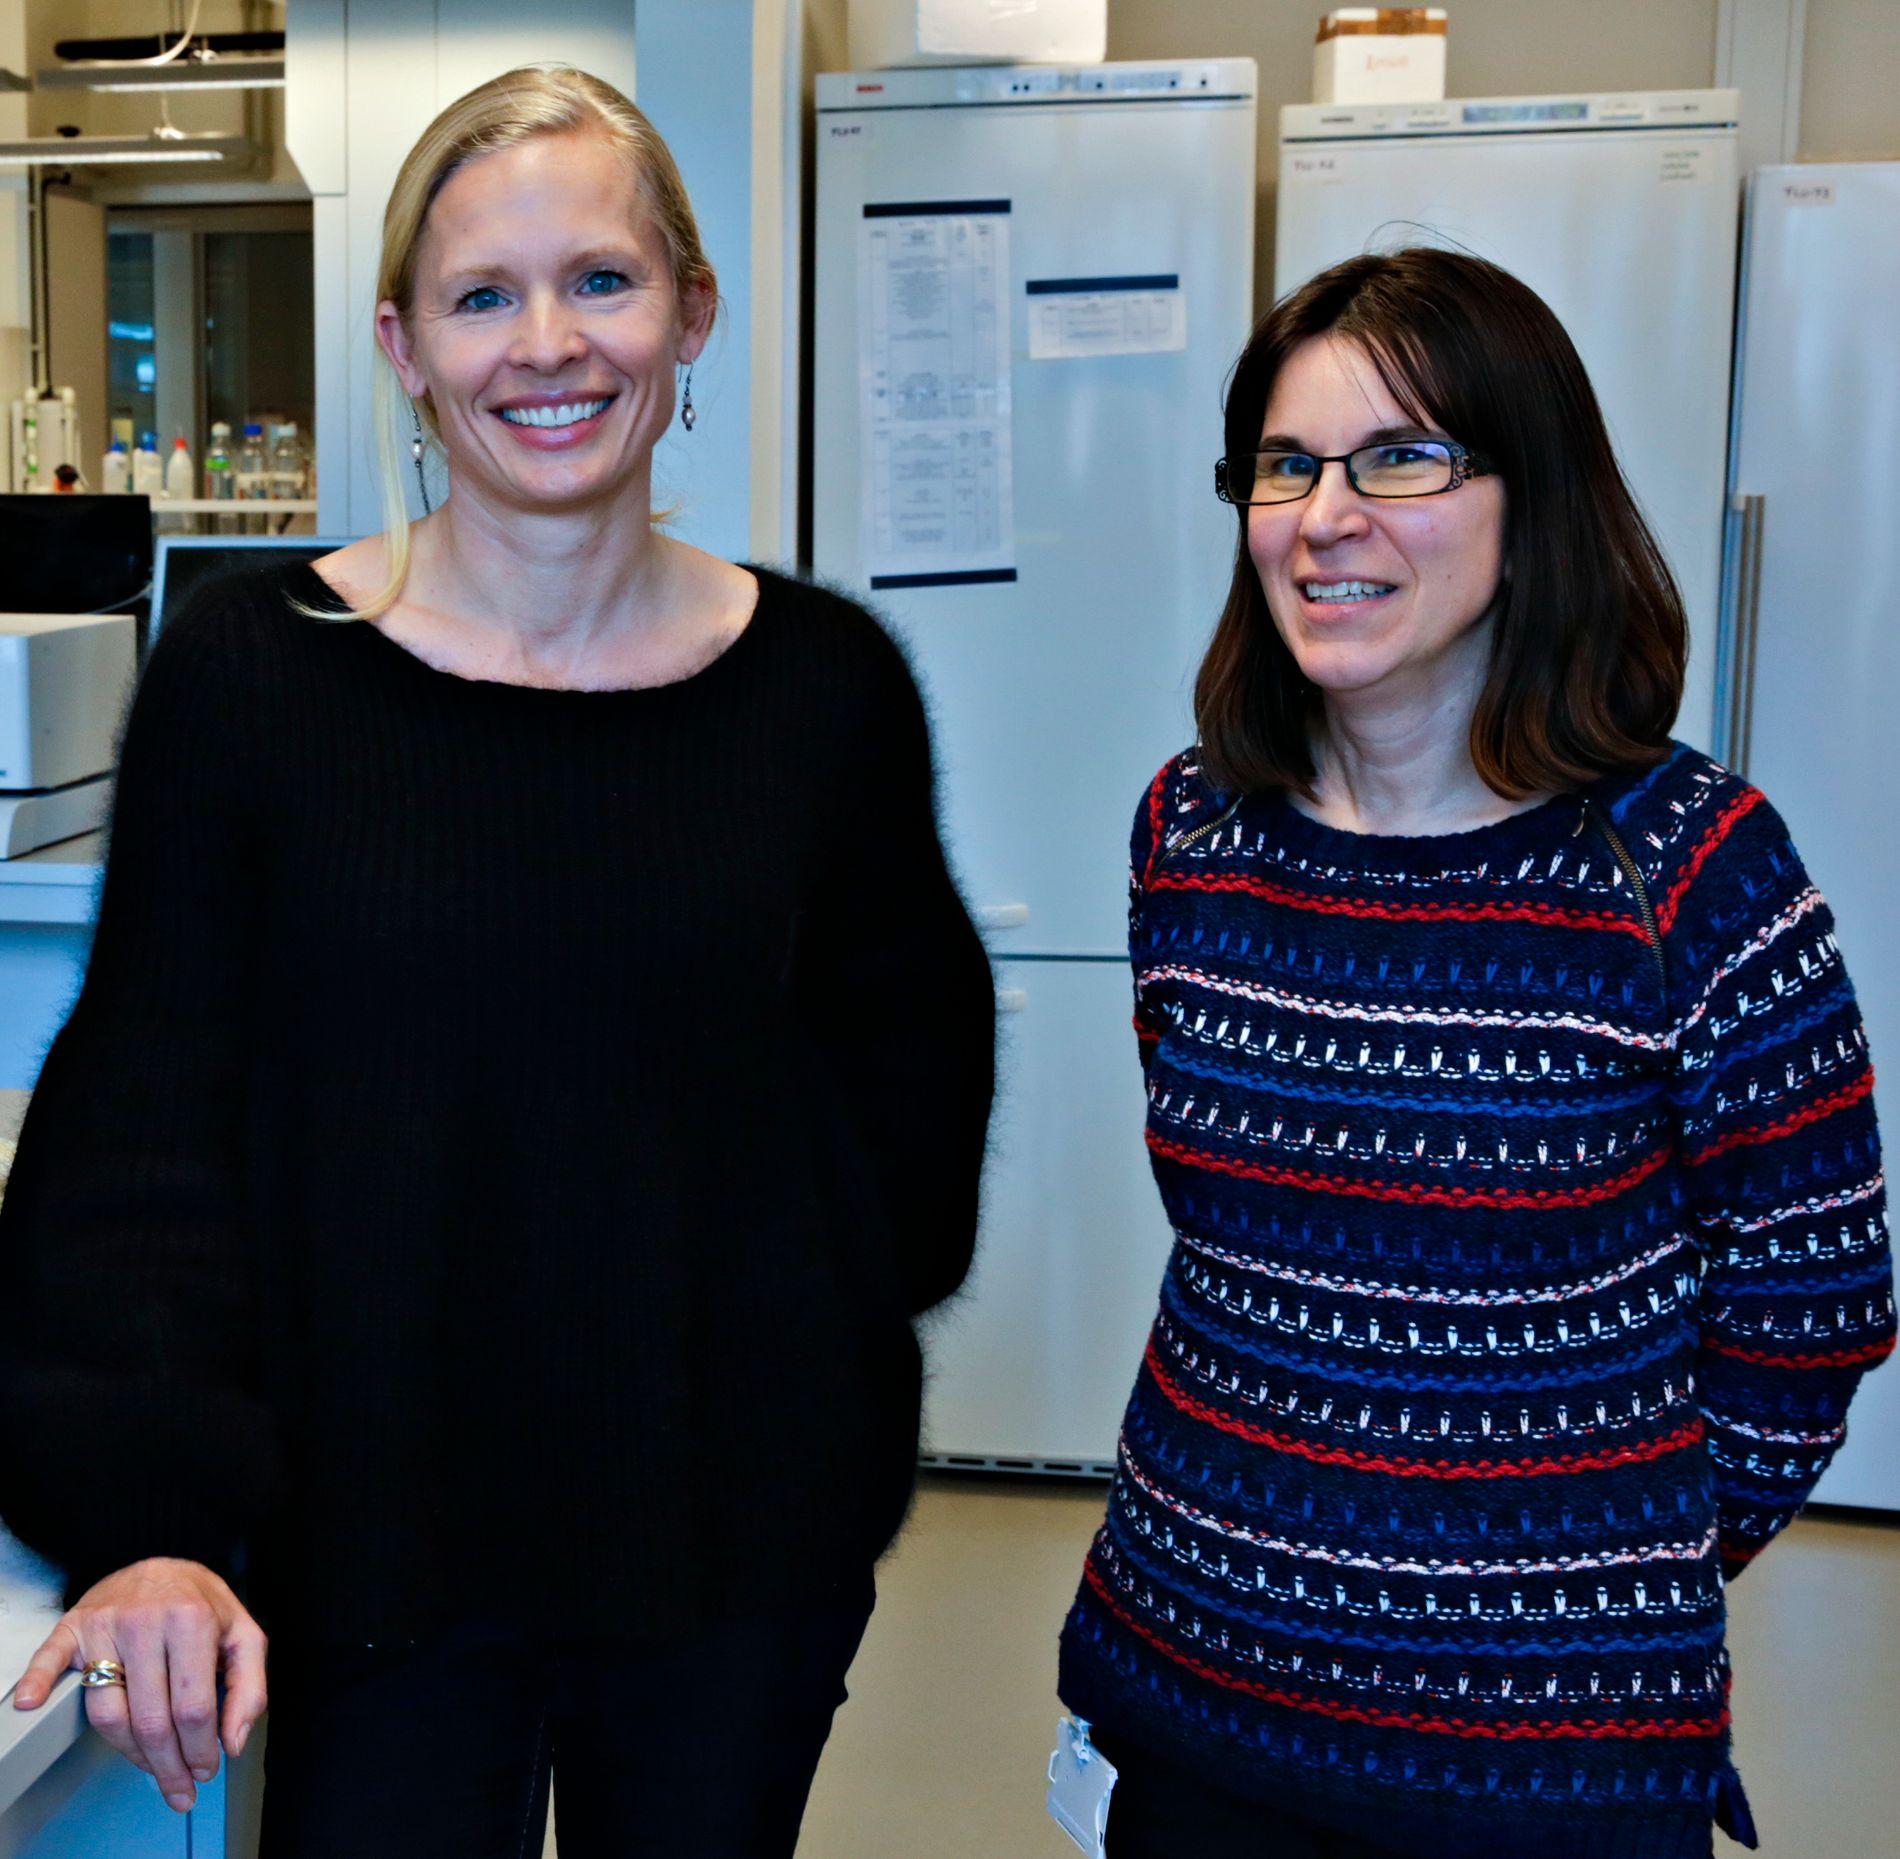 FARLIG: Barnet i magen har også øket risiko for sykdom dersom mor blir syk med influensa, skriver Kristin G-I Mohn og Rebecca Cox.